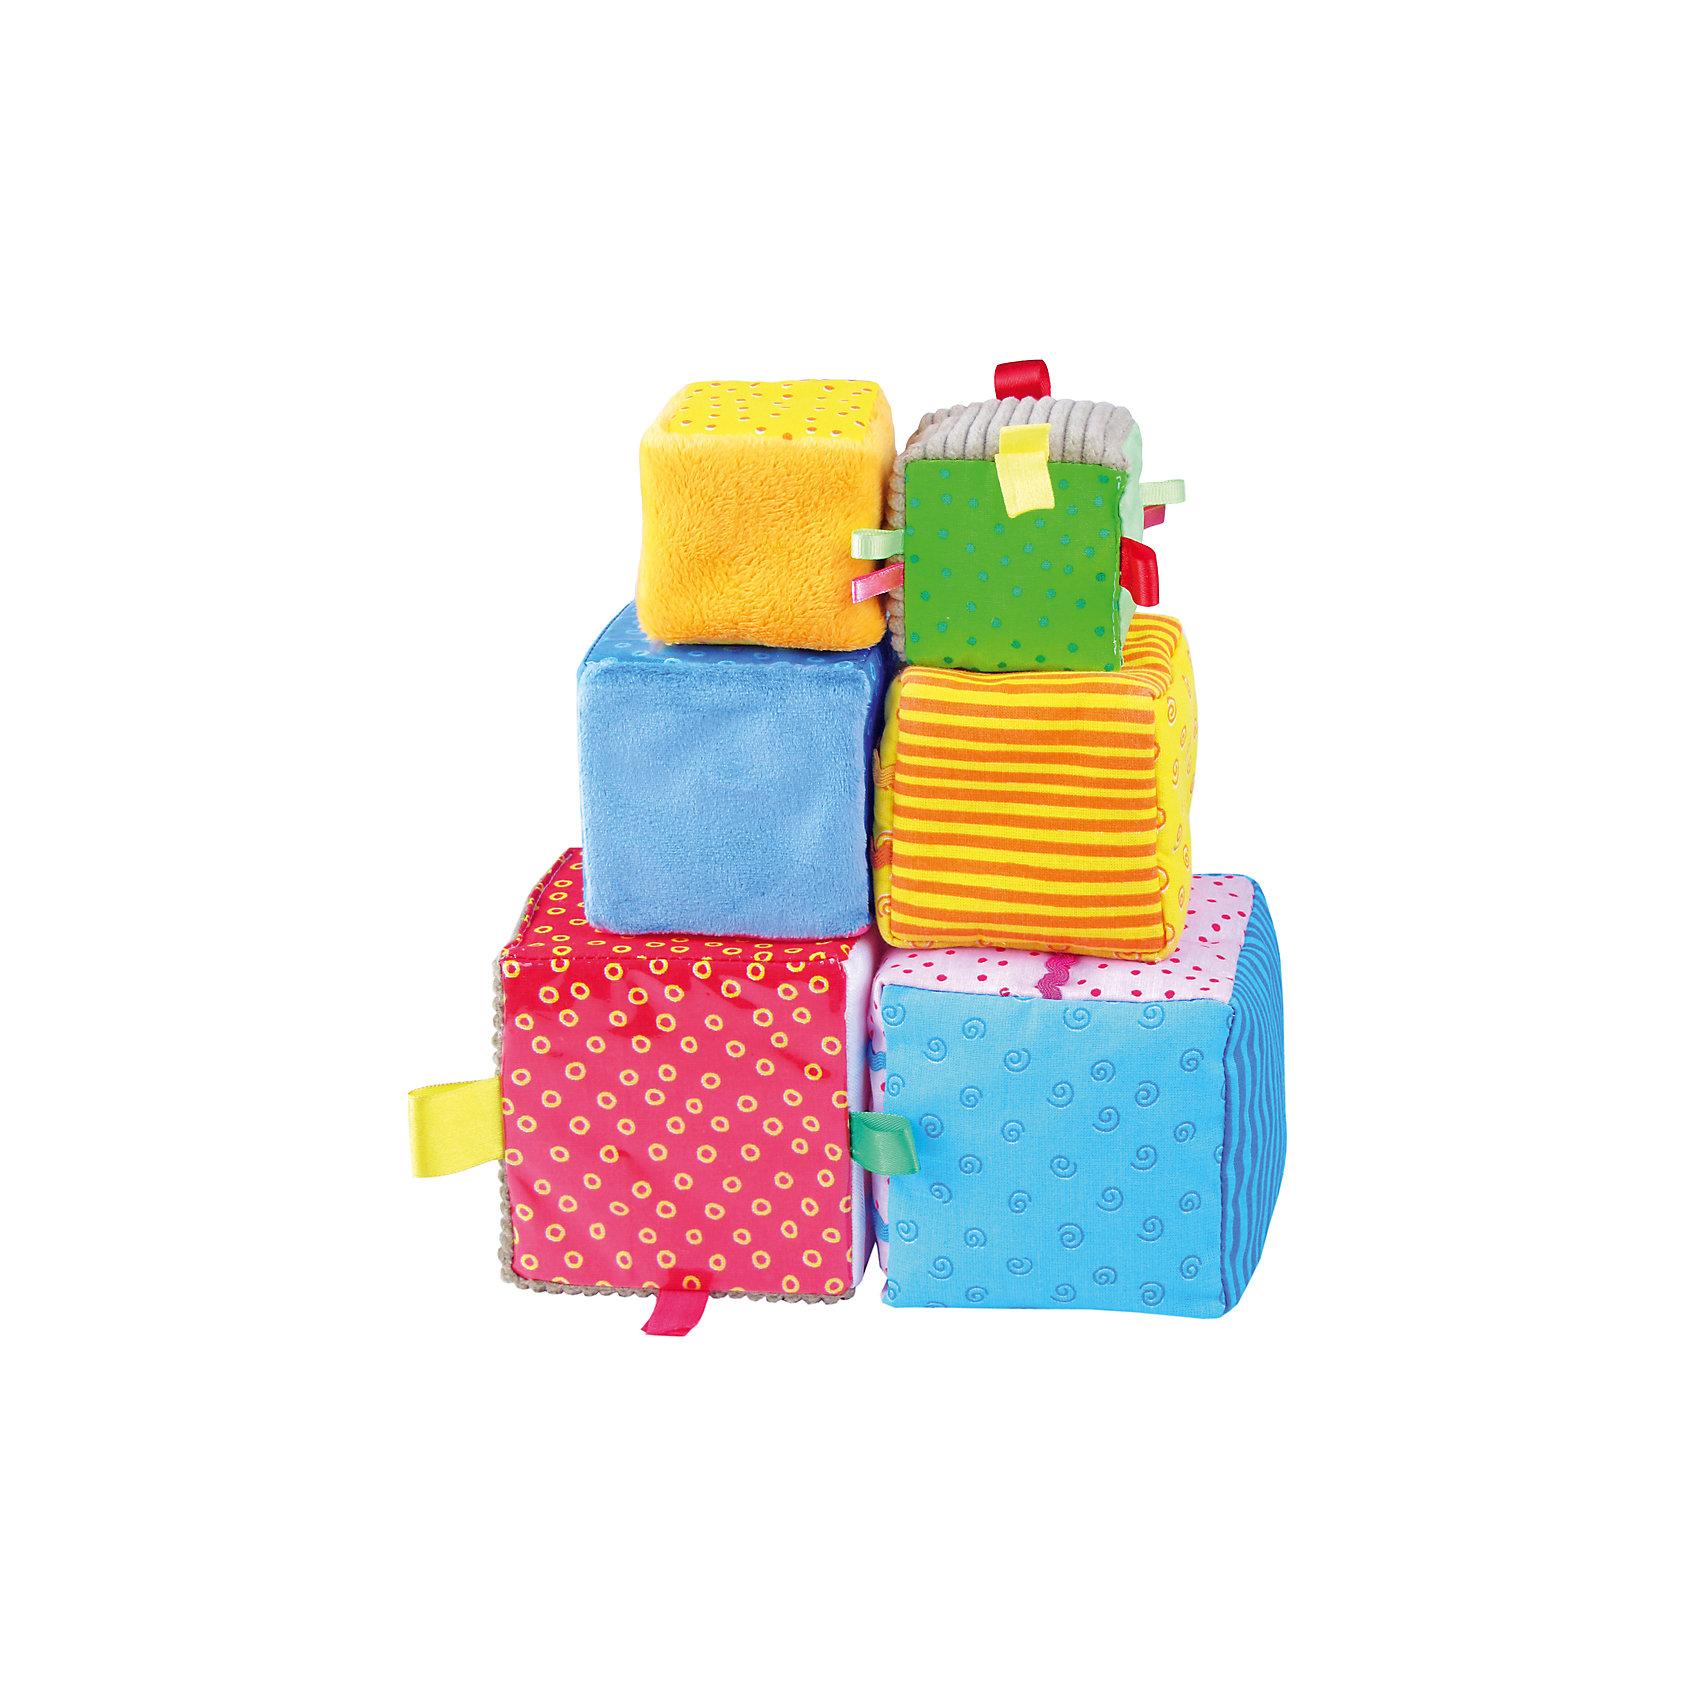 Игрушка Умные кубики, МякишиКубики<br>Умные кубики, Мякиши - красочный развивающий набор, который обязательно привлечет внимание Вашего малыша. Это не просто яркие кубики, а целый игровой комплекс со множеством развивающих и дидактических возможностей. В наборе шесть мягких кубиков трех размеров, изготовленных из разнообразных по цвету и фактуре материалов и с разными наполнителями. Грани кубиков украшены занимательными для малыша деталями, которые он с интересом будет исследовать - цветные разнофактурные петельки, цветная тесьма, пуговички, зашитые под сеточку. Из кубиков можно не только строить башенки и различные конструкции, но и поиграть в 10 умных игр. Игровые упражнения с Умными кубиками обогащают опыт тактильных ощущений ребенка, стимулируют речевое развитие, формируют представления о свойствах предметов, развивают внимание и зрительную память. Изготовлено из гипоаллергенных материалов. <br><br>Дополнительная информация:<br><br>- В комплекте: 6 кубиков.<br>- Материал: 100% х/б ткань, трикотаж, искусственный мех, вельвет, плащевка, полиэтилен, сетка, поролон, синтепон.<br>- Размер кубиков: два кубика 6 х 6 см., два кубика 8 х 8 см., два кубика 10 х 10 см.<br>- Размер упаковки: 24 x 12 x 30 см.<br>- Вес: 150 гр.<br><br>Игрушку Умные кубики, Мякиши, можно купить в нашем интернет-магазине.<br><br>Ширина мм: 230<br>Глубина мм: 100<br>Высота мм: 100<br>Вес г: 150<br>Возраст от месяцев: 12<br>Возраст до месяцев: 36<br>Пол: Унисекс<br>Возраст: Детский<br>SKU: 4424936